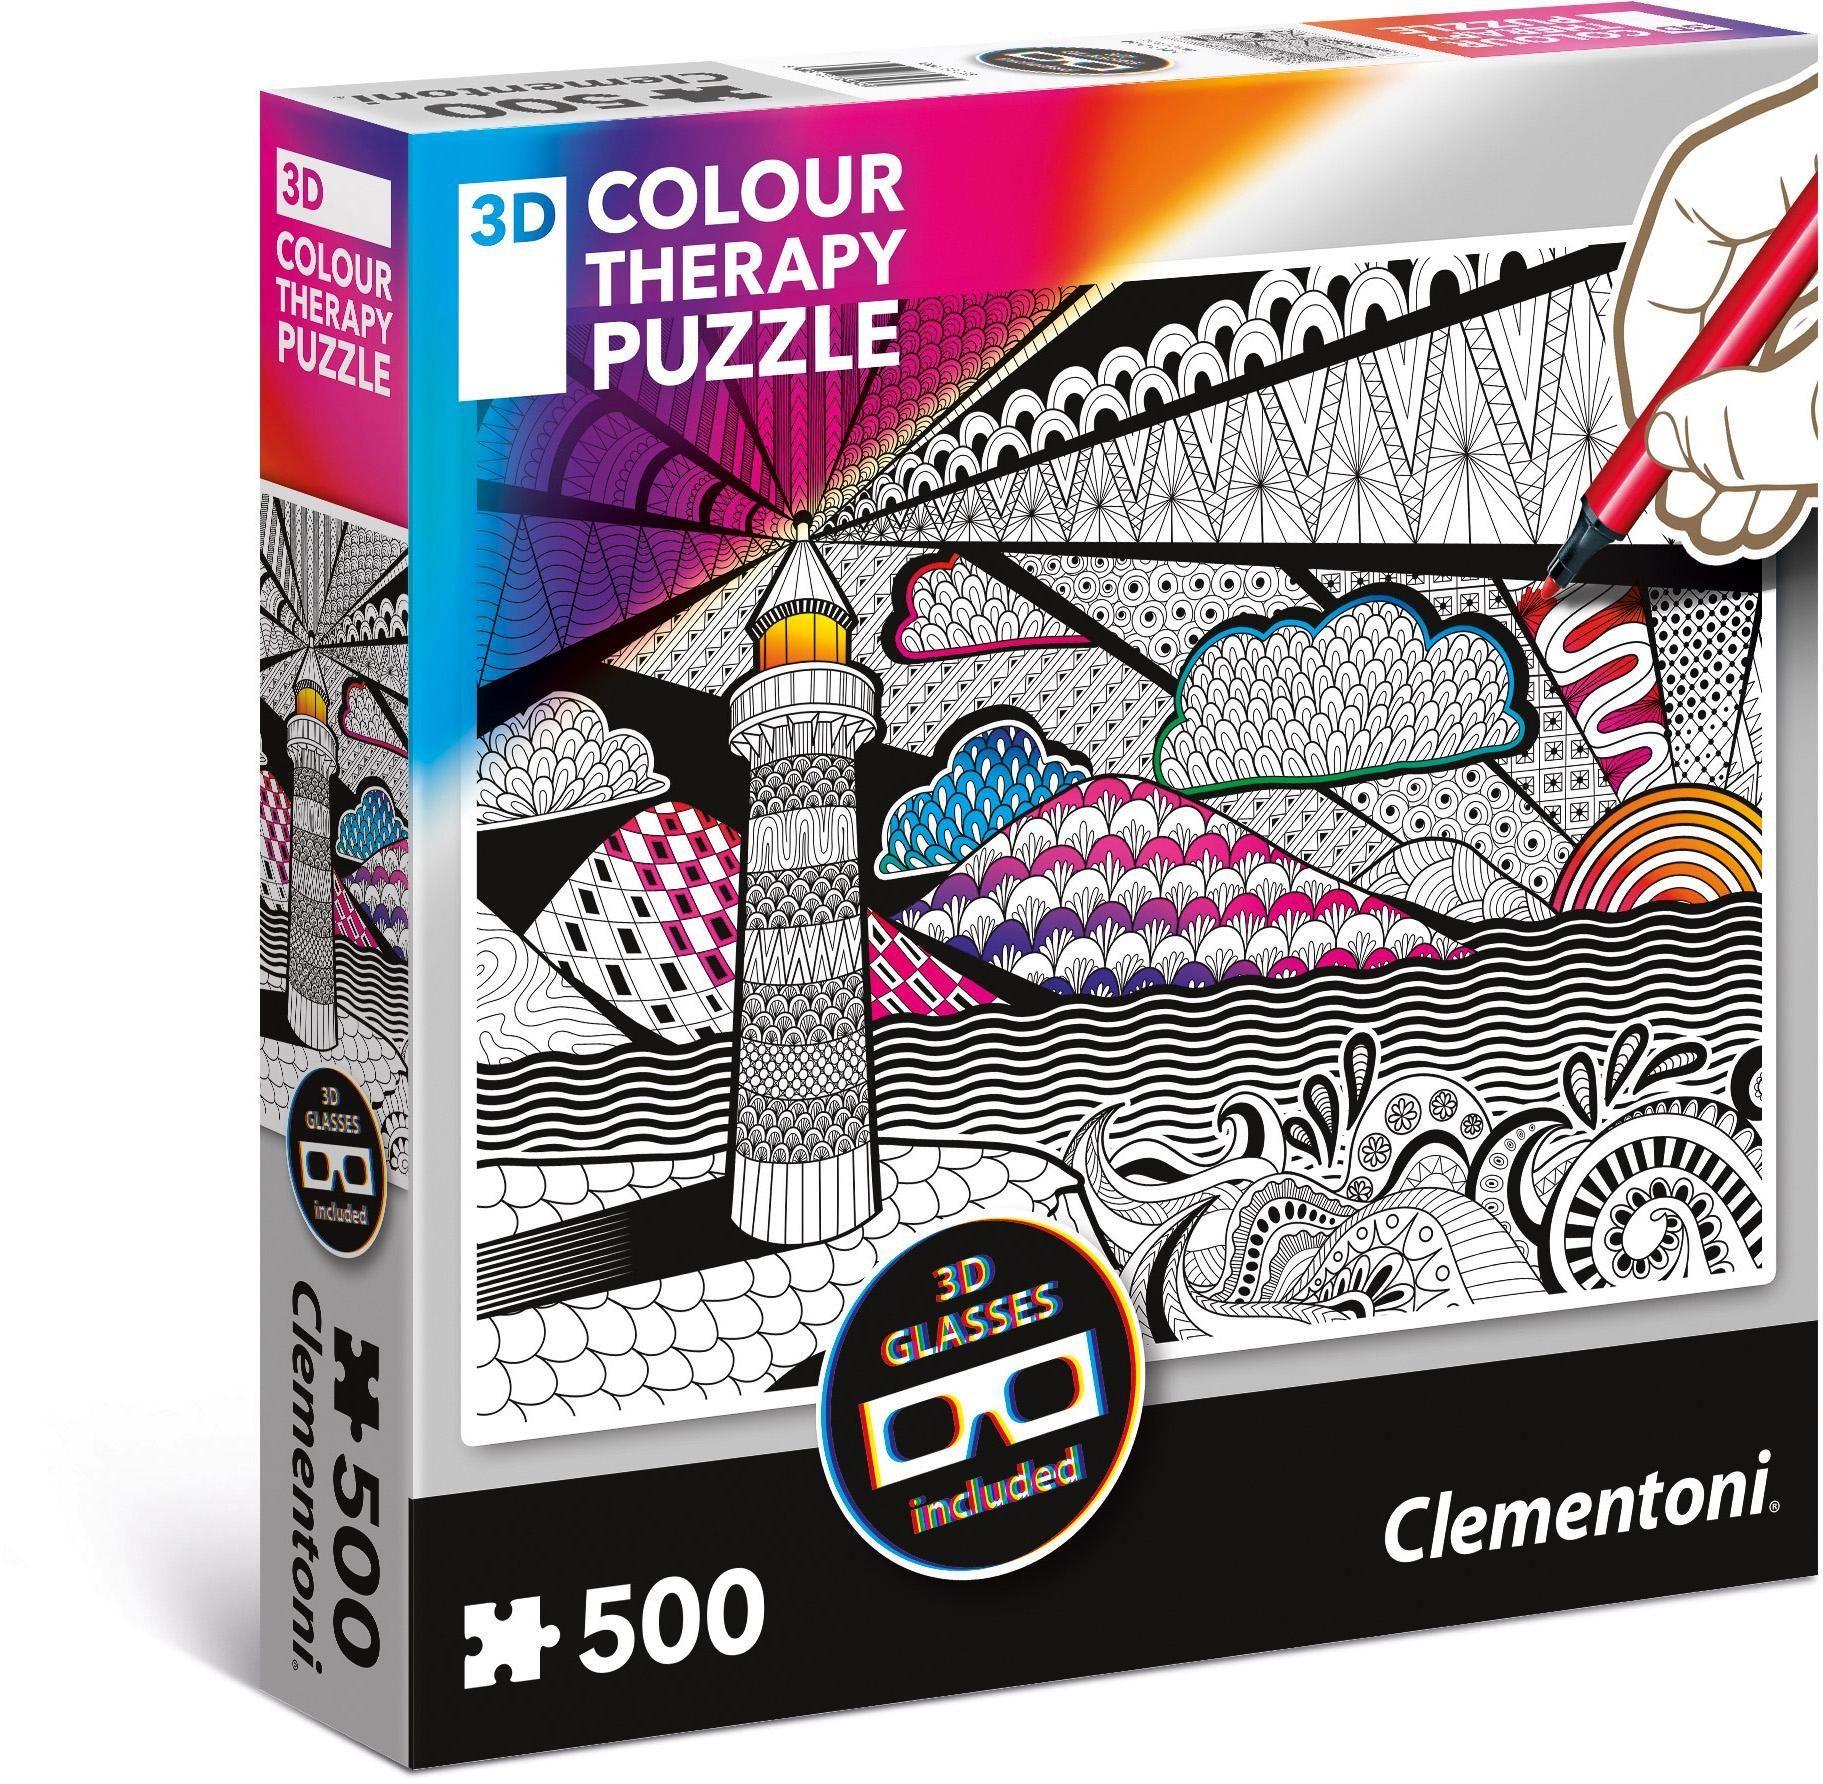 Clementoni Puzzle mit 3D Effekt, 500 Teile, »Colour Therapy: Leuchtturm«